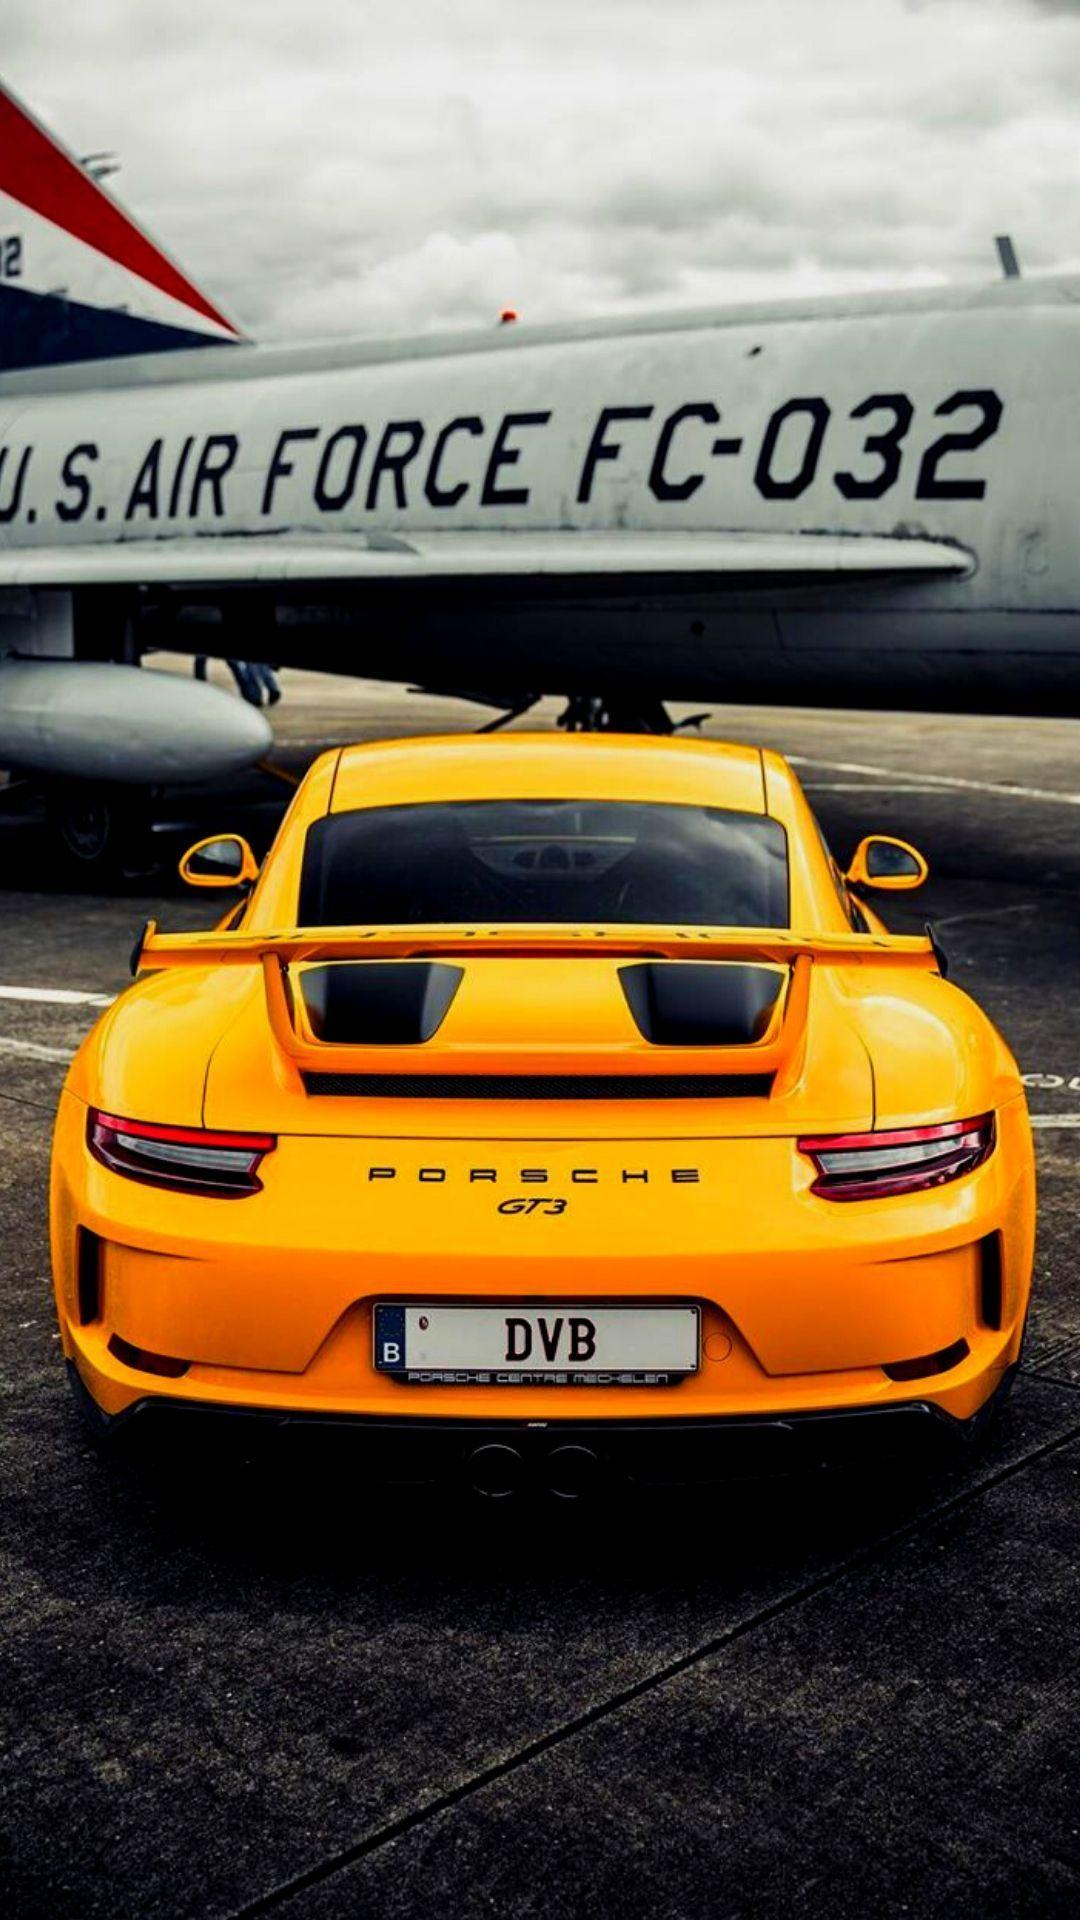 最高のHD iPhone 11ポルシェ911壁紙無料ダウンロード in 2020 Porsche 911